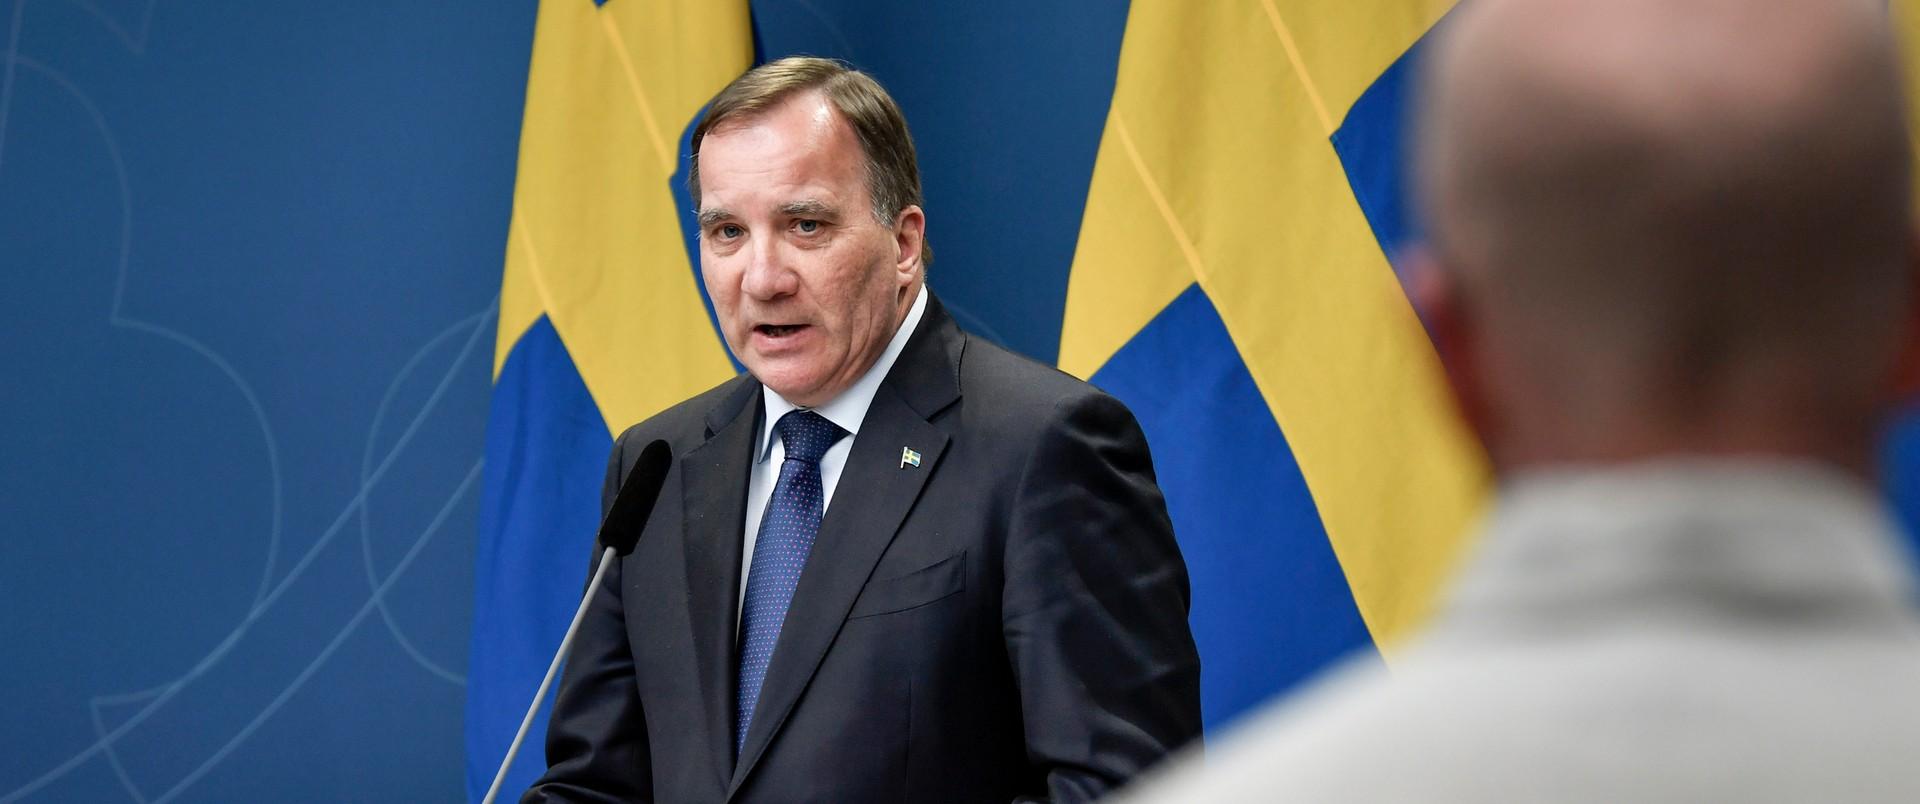 Premier Szwecji Stefan Loefwen w czasach pandemii poprawił swoje notowania o blisko 20 procent